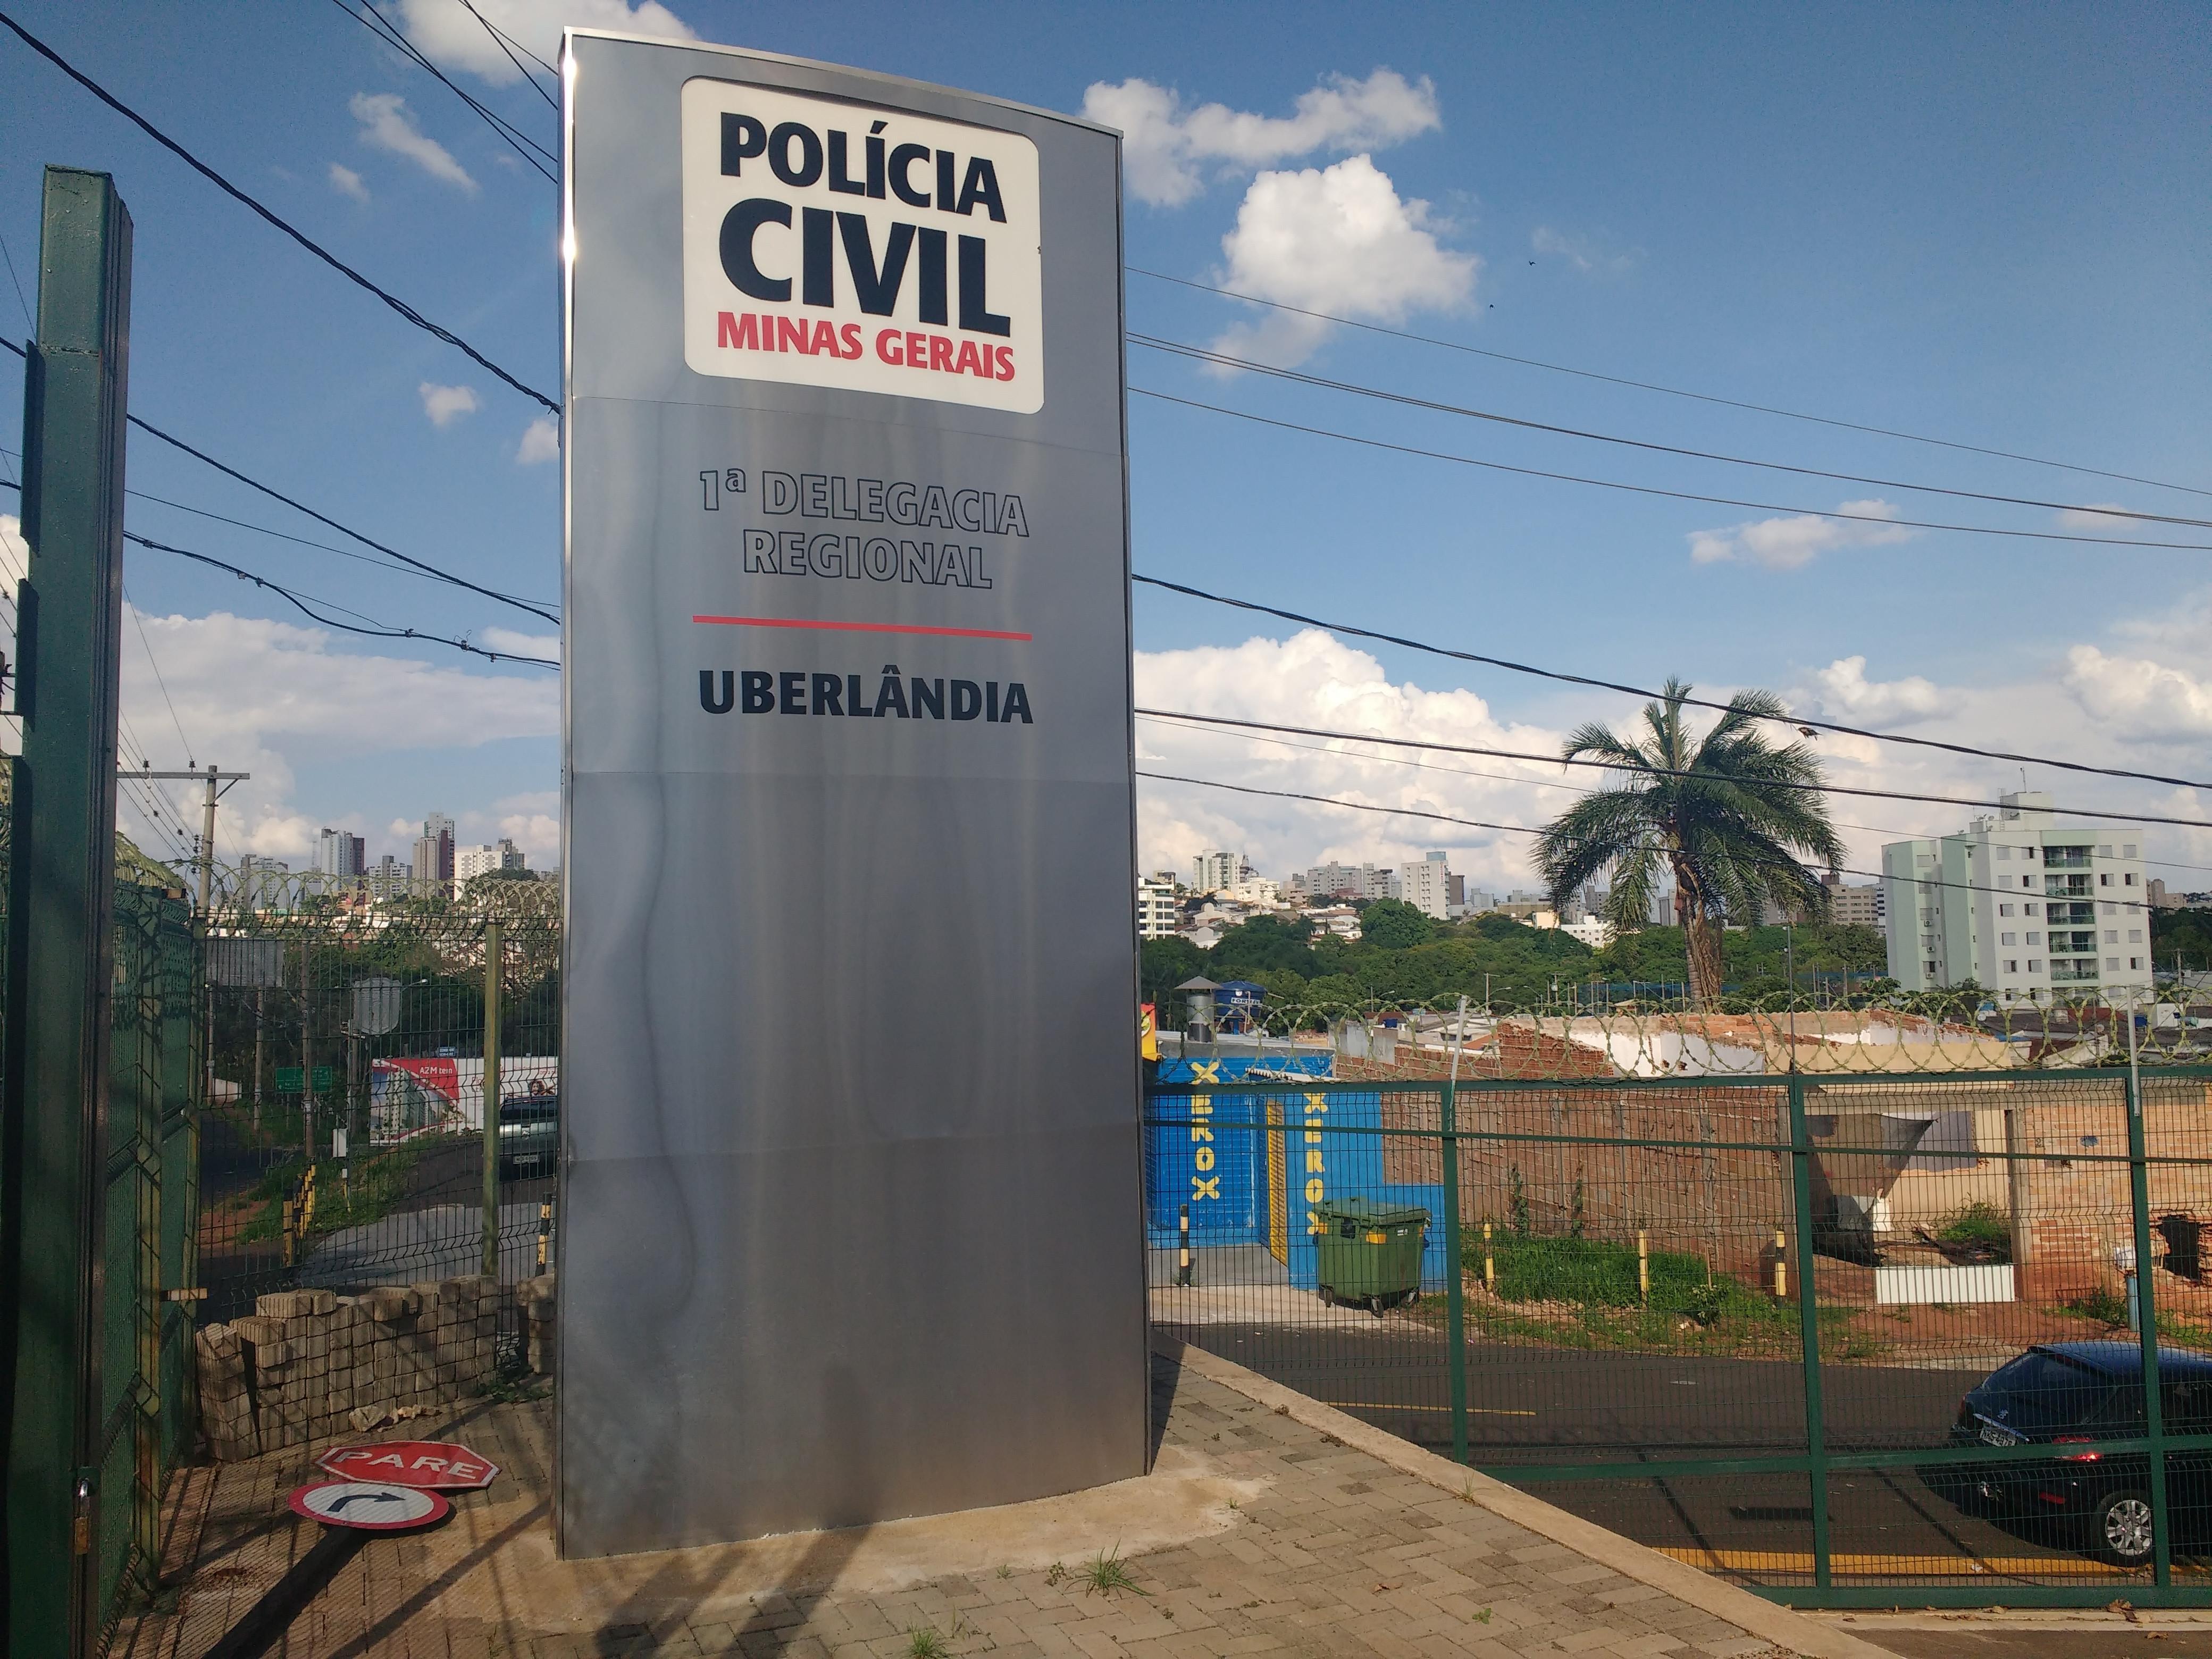 Polícia Civil investiga se transporte de carregamento de drogas motivou homicídio em Uberlândia